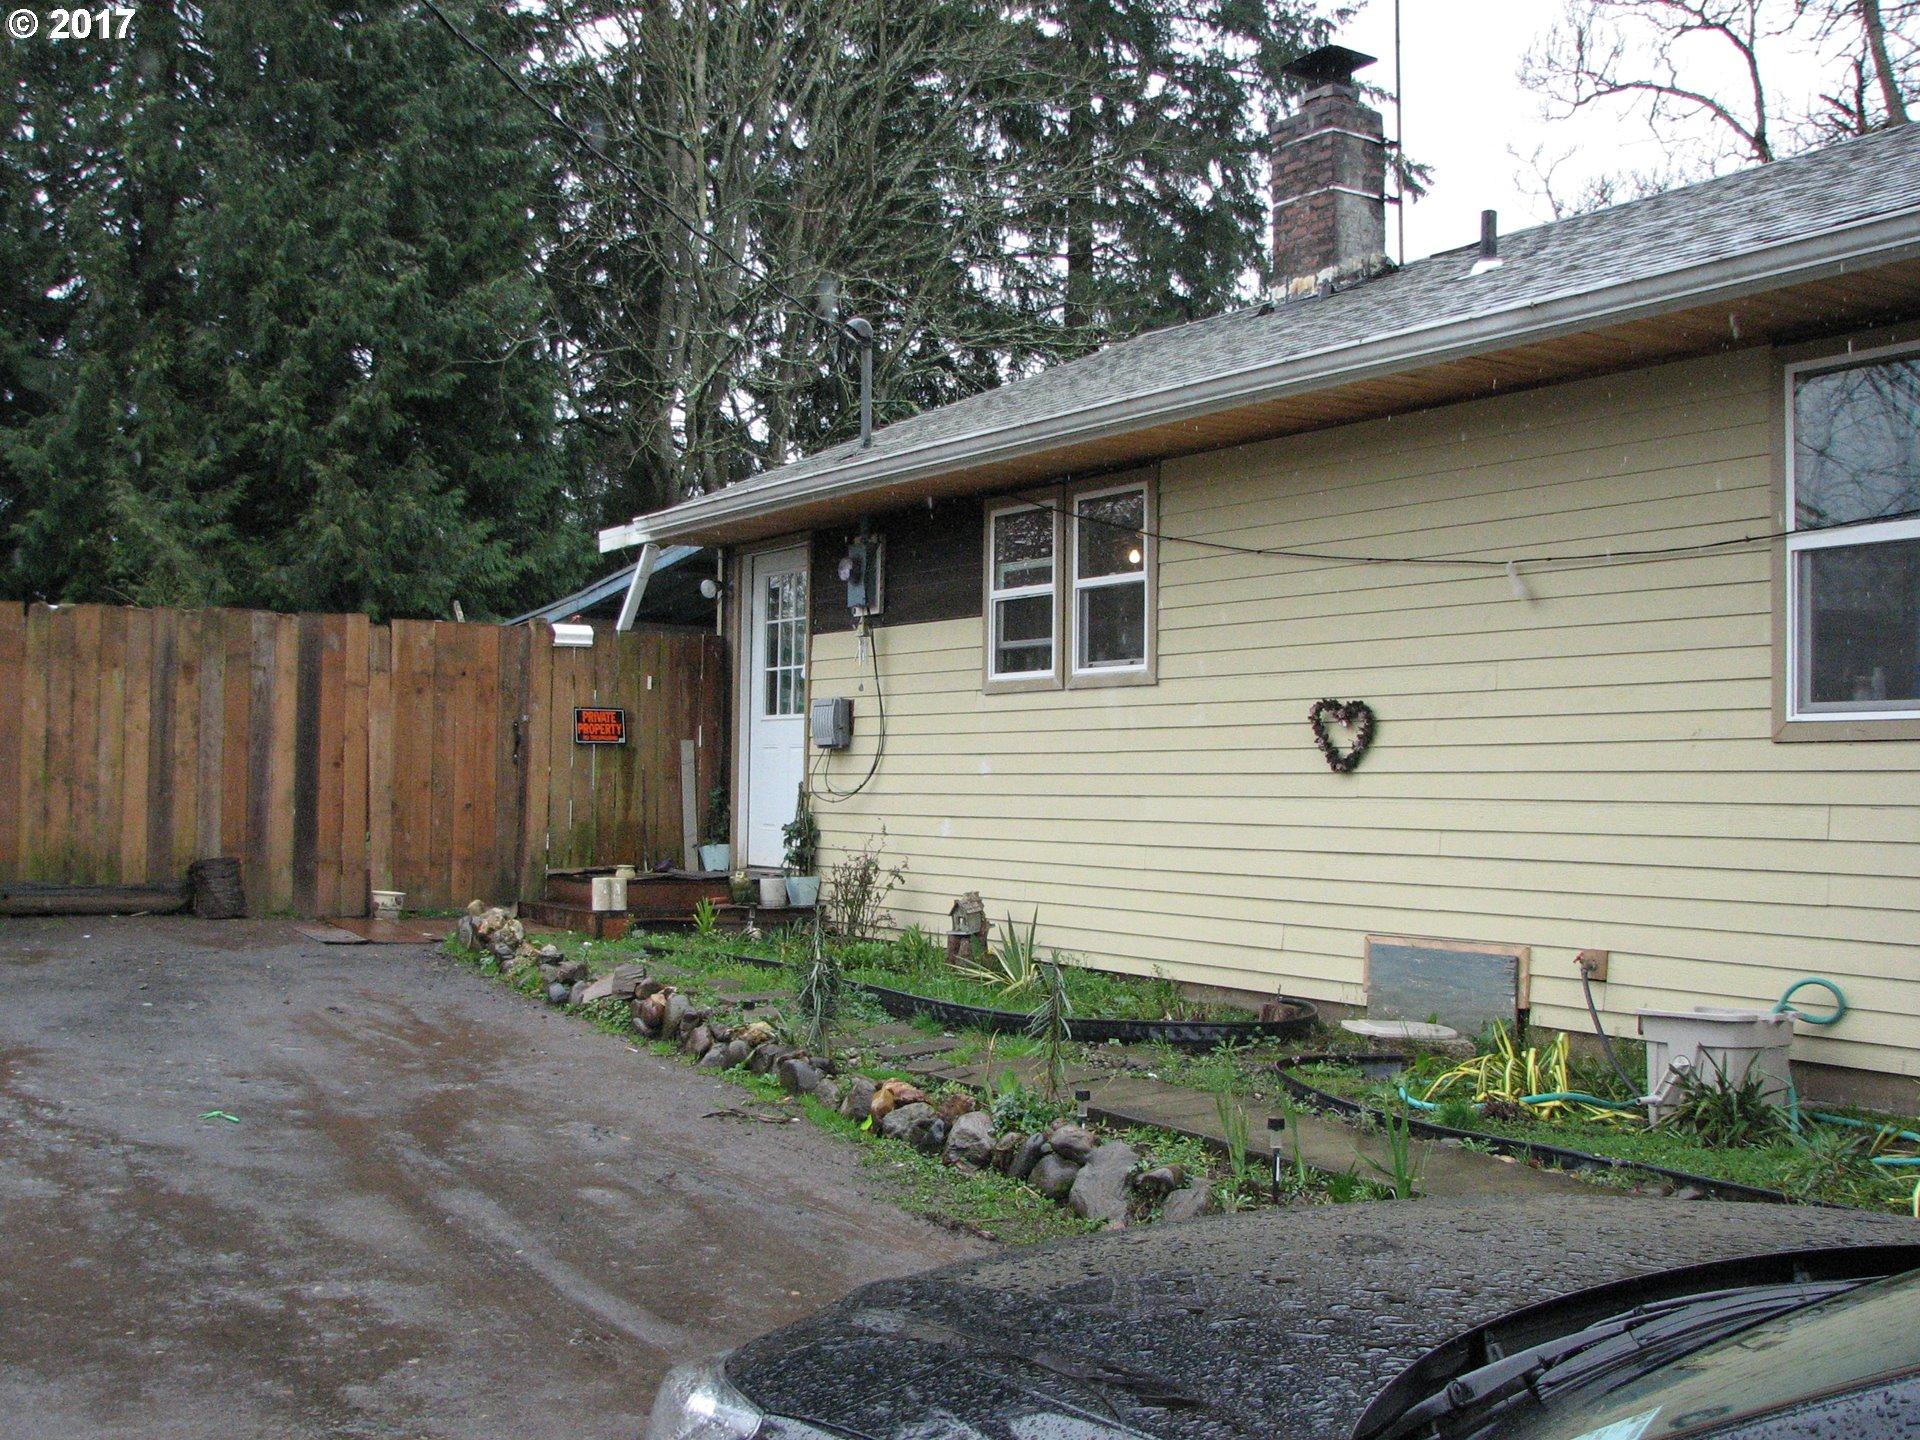 3909 E 14TH ST, Vancouver, WA 98661